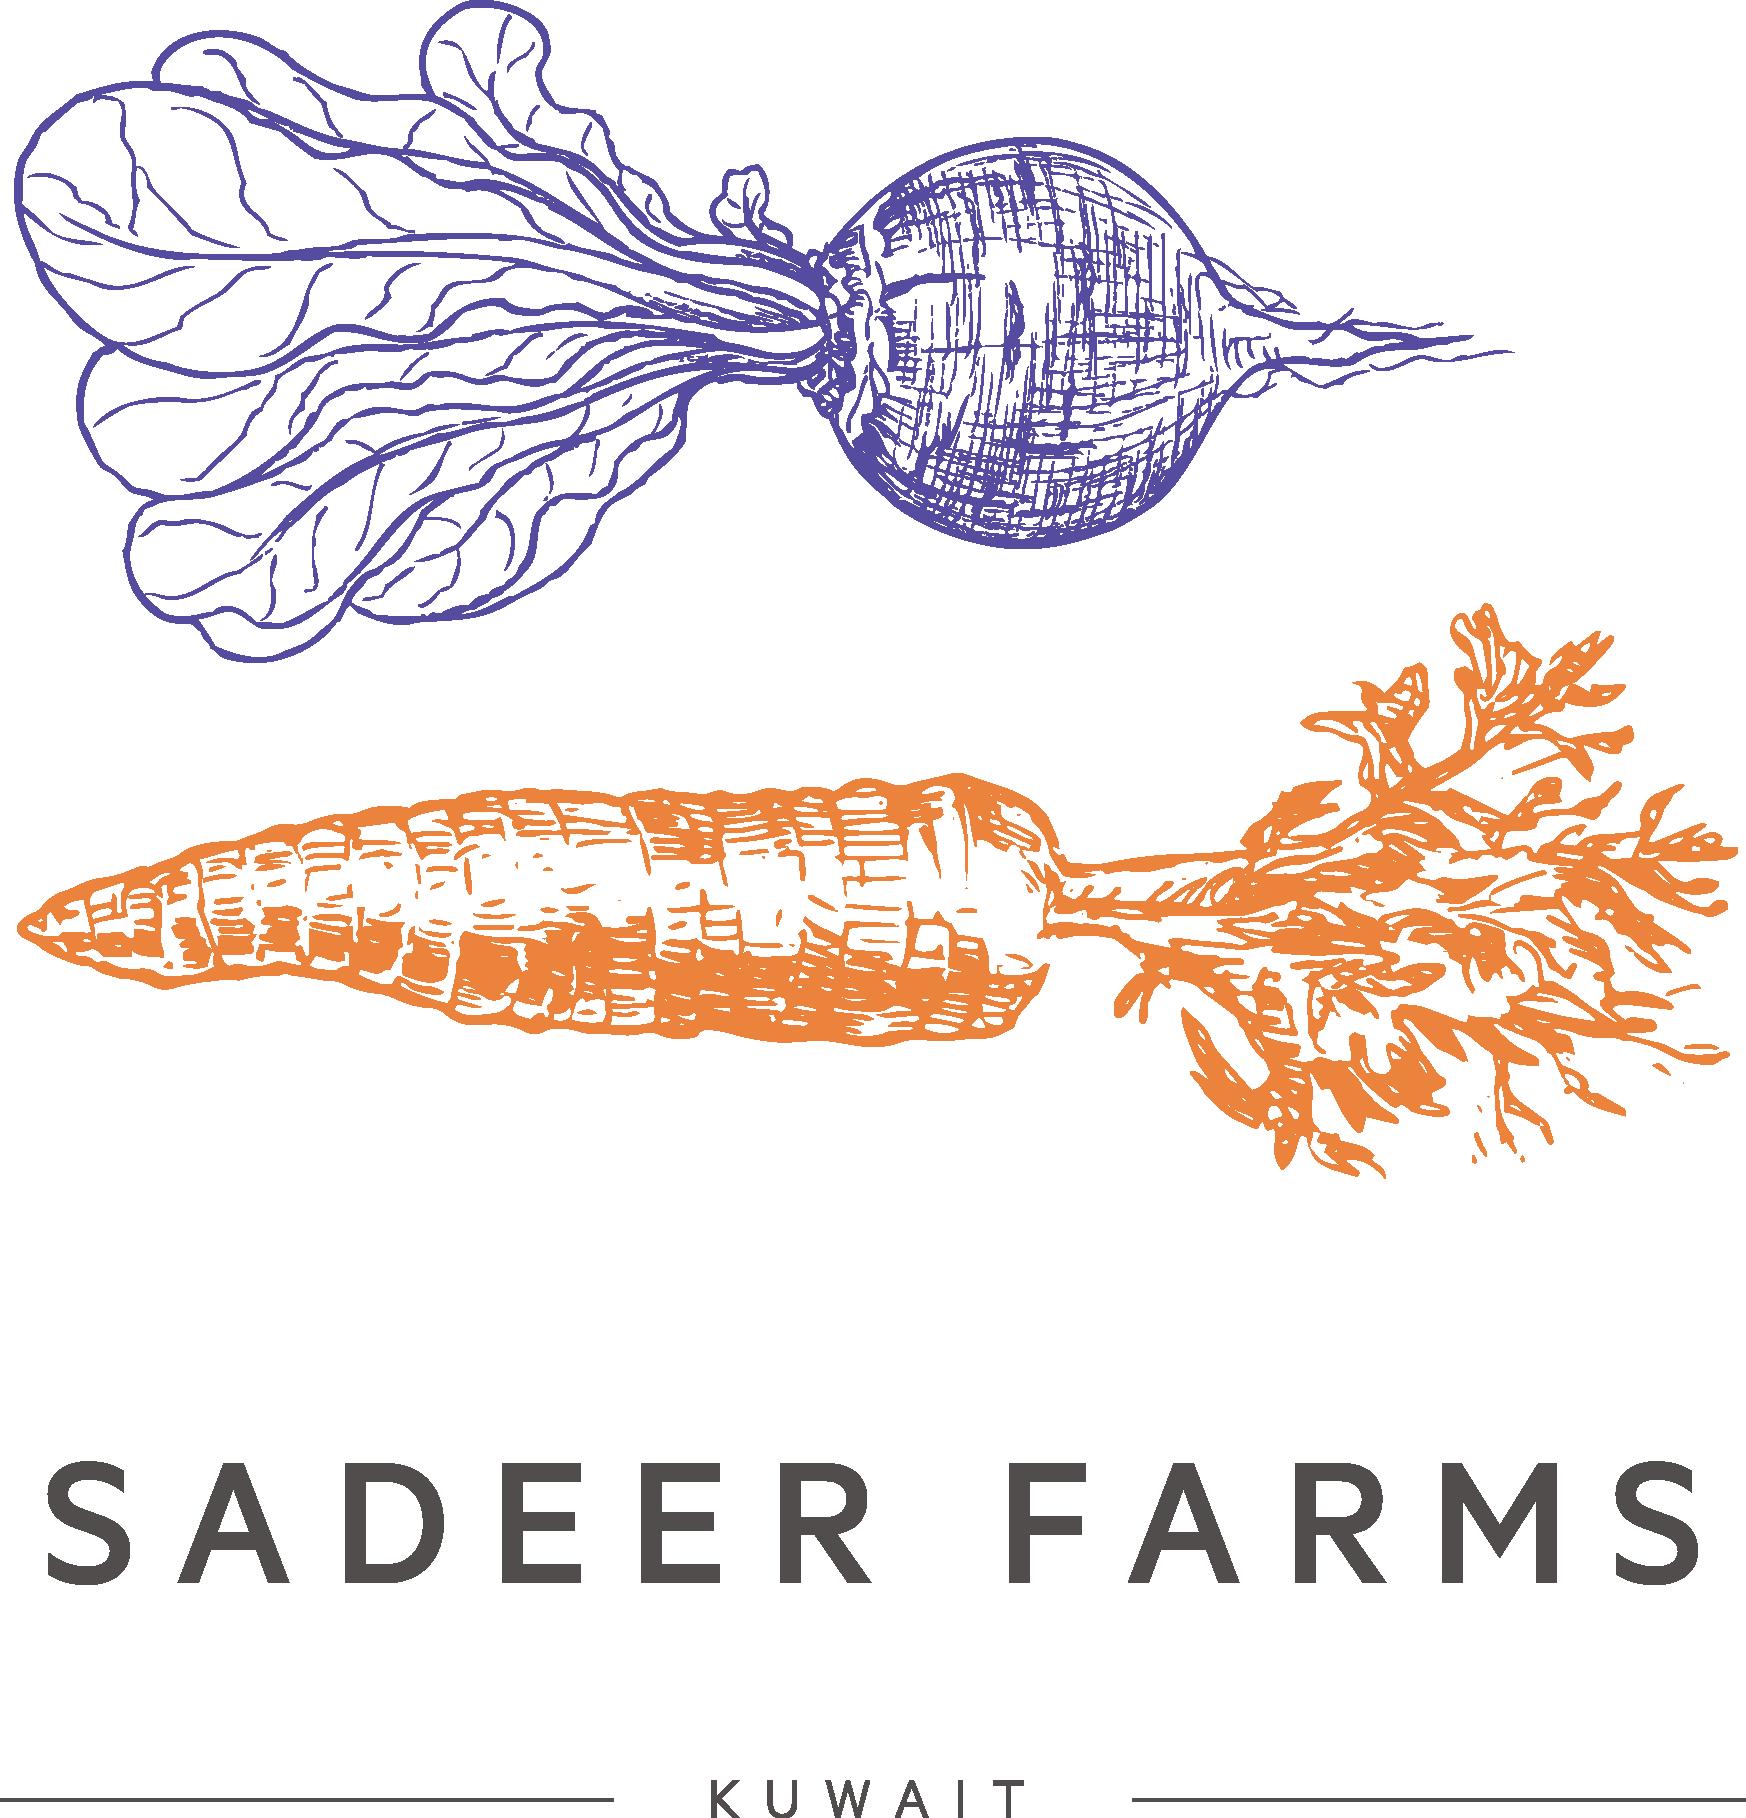 sadeer-farms